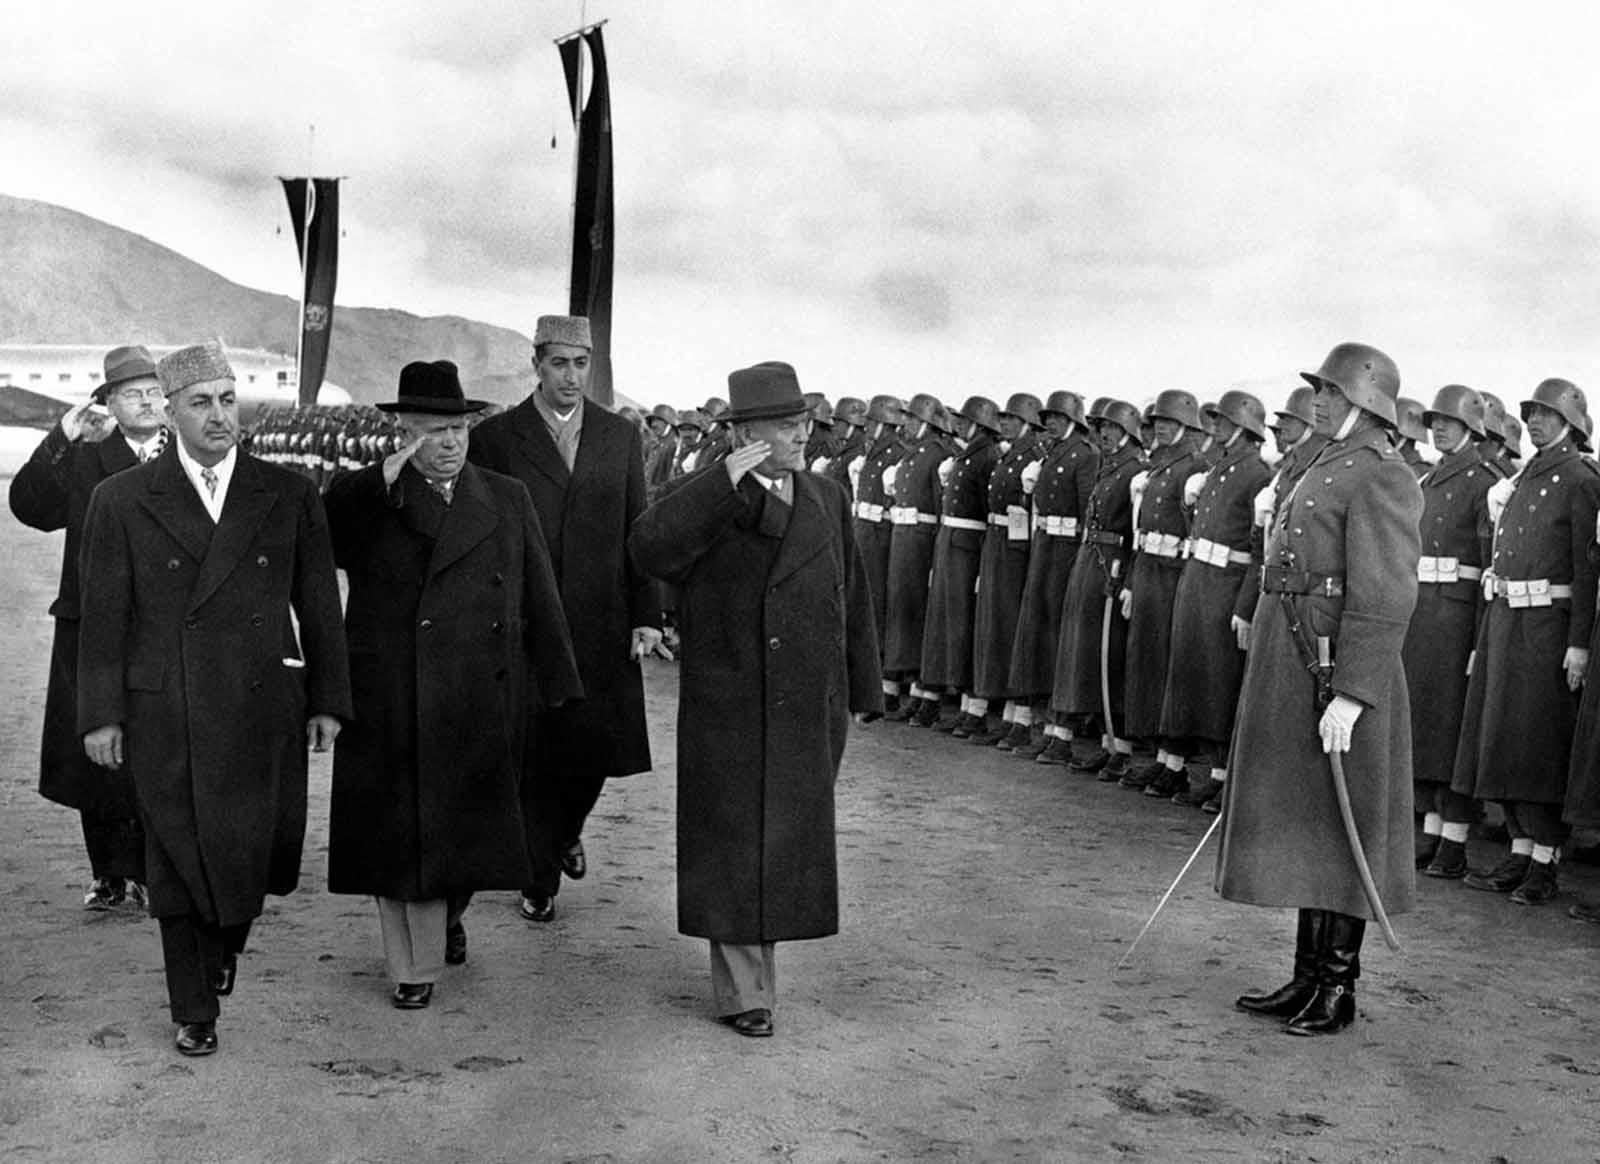 El líder soviético Nikita Khrushchev (sombrero negro) y el mariscal Nikolai Bulganin revisan a una guardia de honor afgana vistiendo viejos uniformes alemanes, a su llegada a Kabul, Afganistán, el 15 de diciembre de 1955. A la izquierda está el primer ministro afgano, Sardar Mohammed Daud Khan, y Detrás, en cap, el ministro de relaciones exteriores, el príncipe Naim.